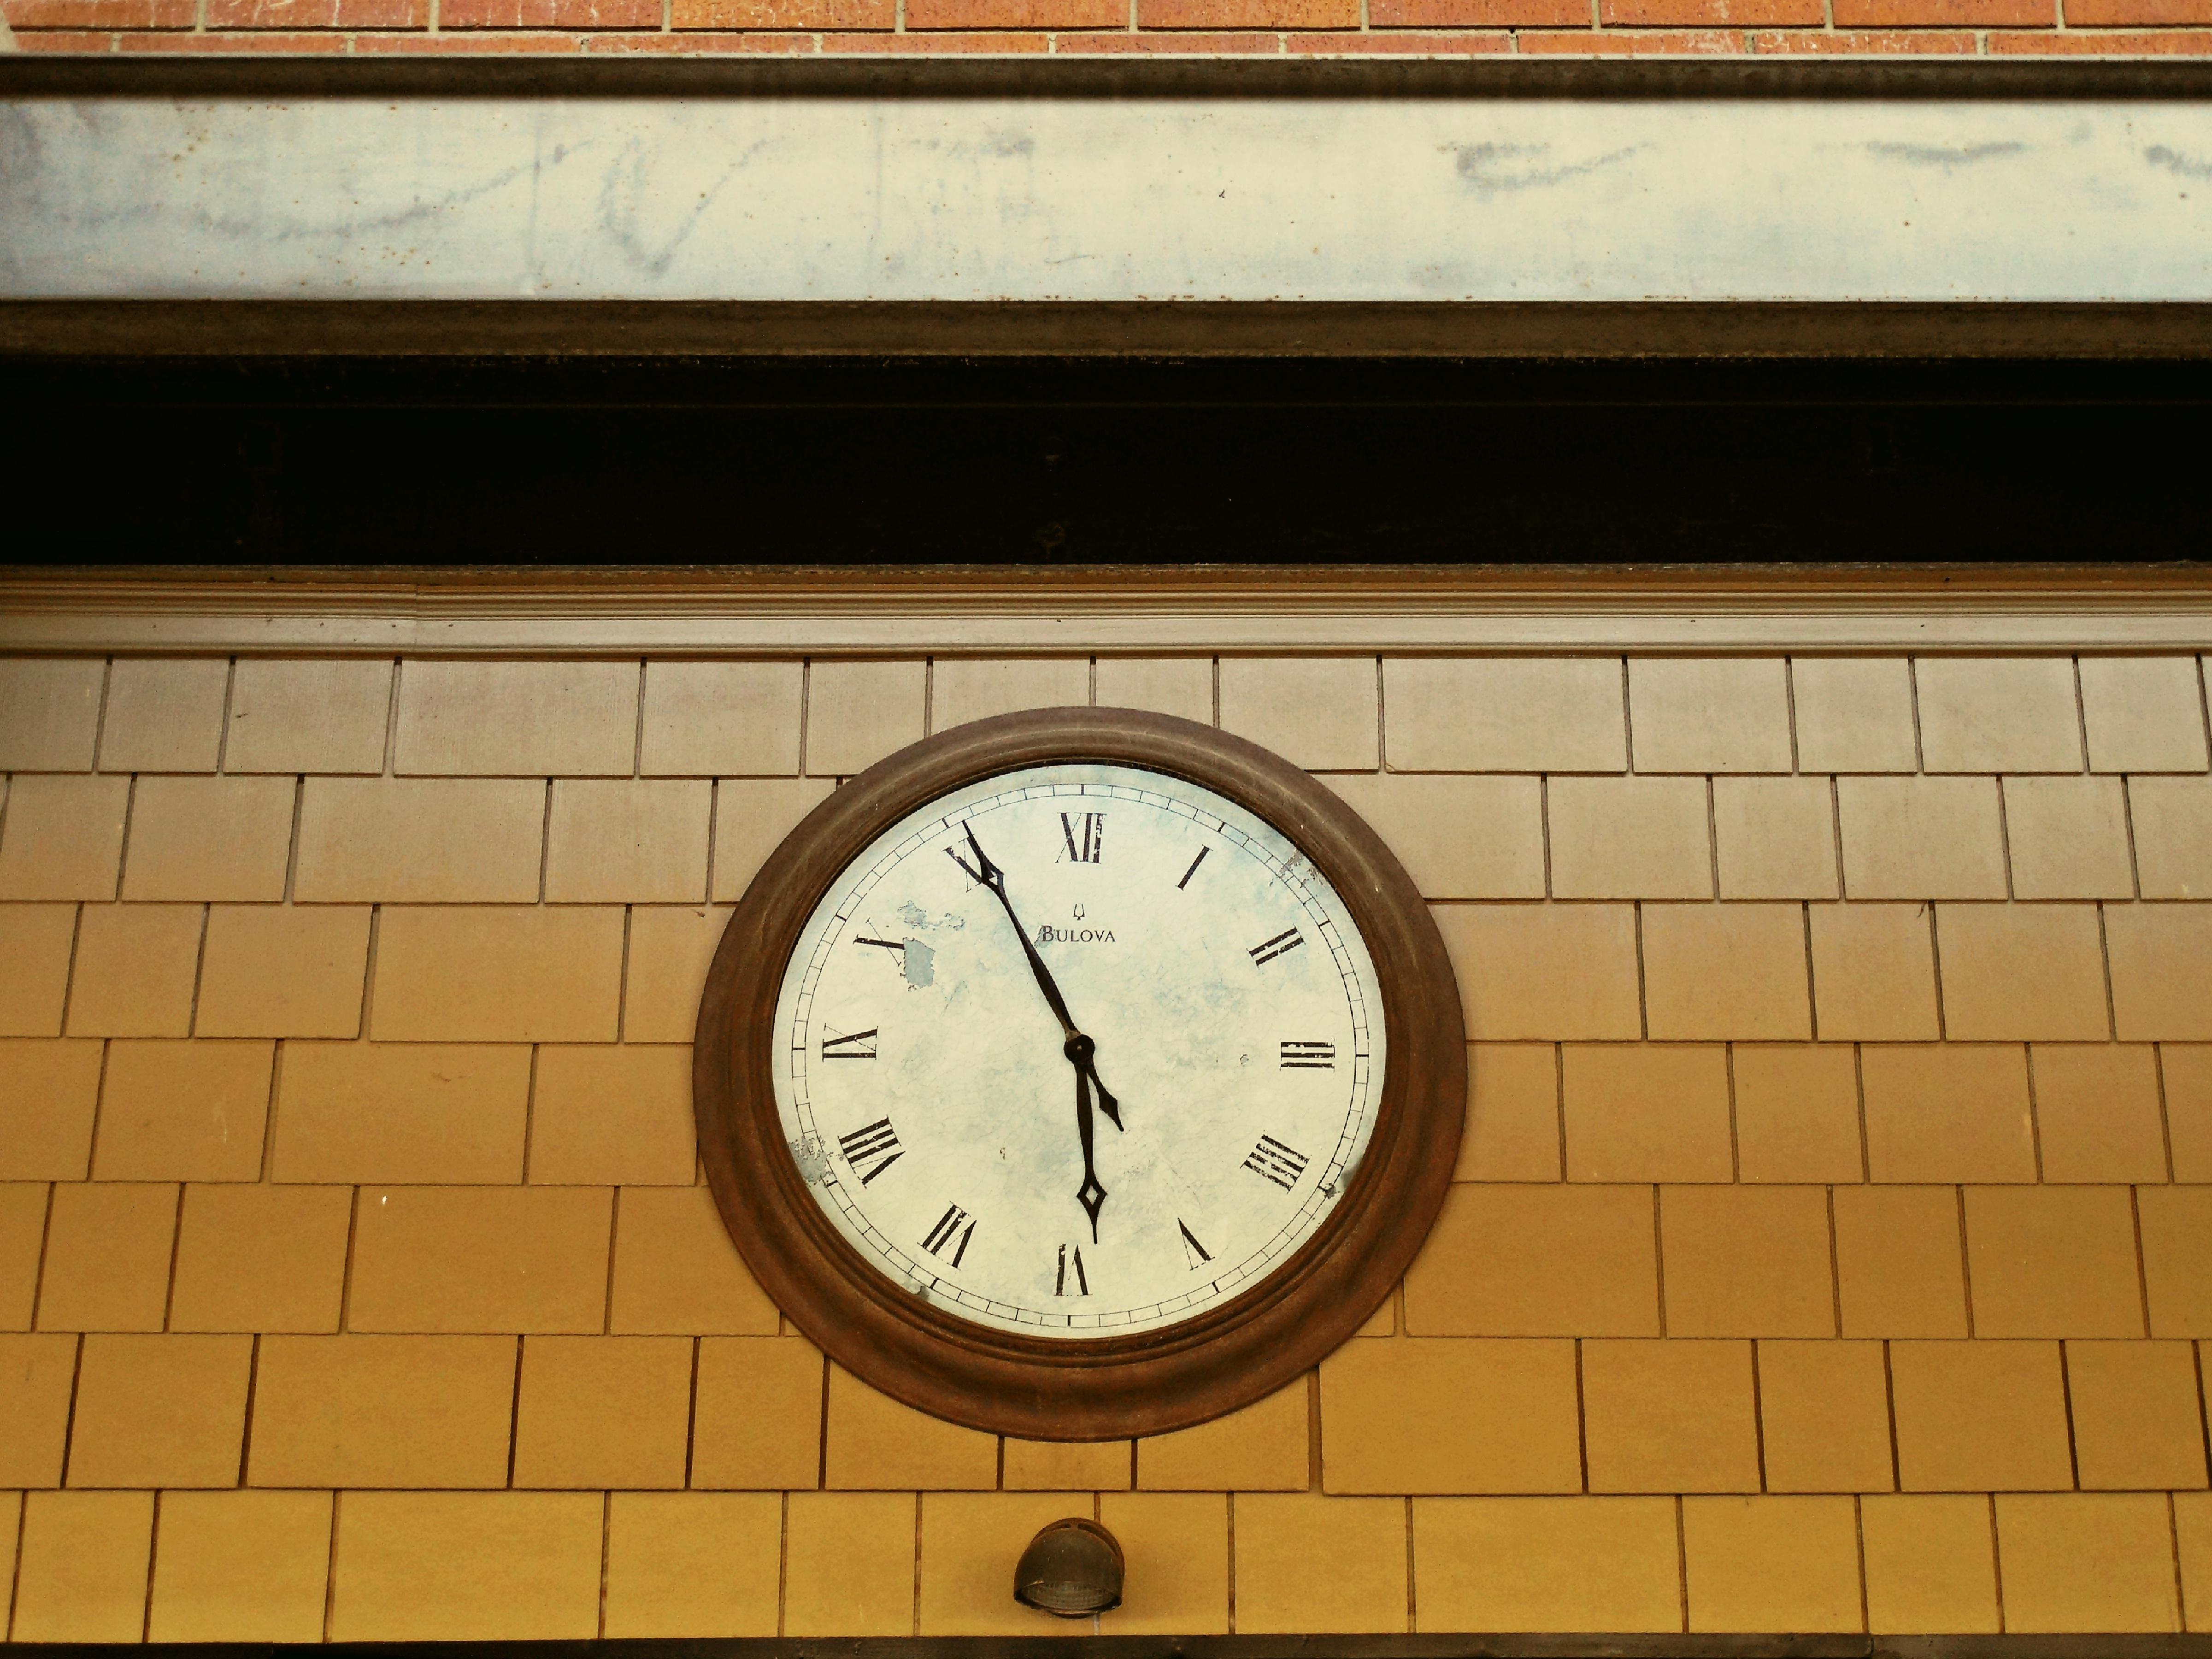 Fotos Gratis Madera Reloj N Mero Mueble Decoraci N Forma  # Muebles Num Decoracion